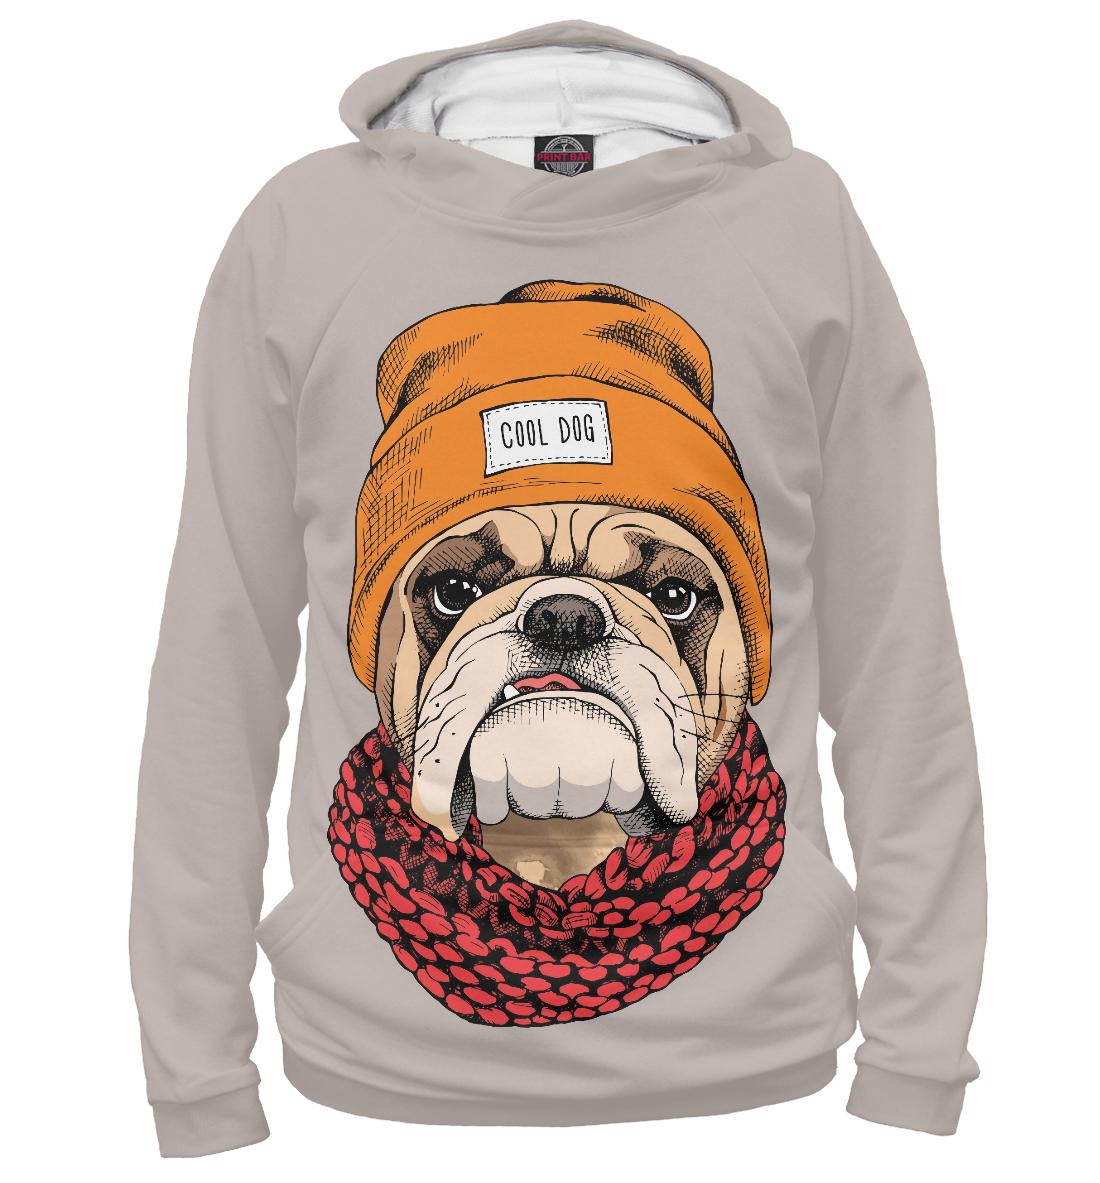 Купить Догги, Printbar, Худи, DOG-380786-hud-1